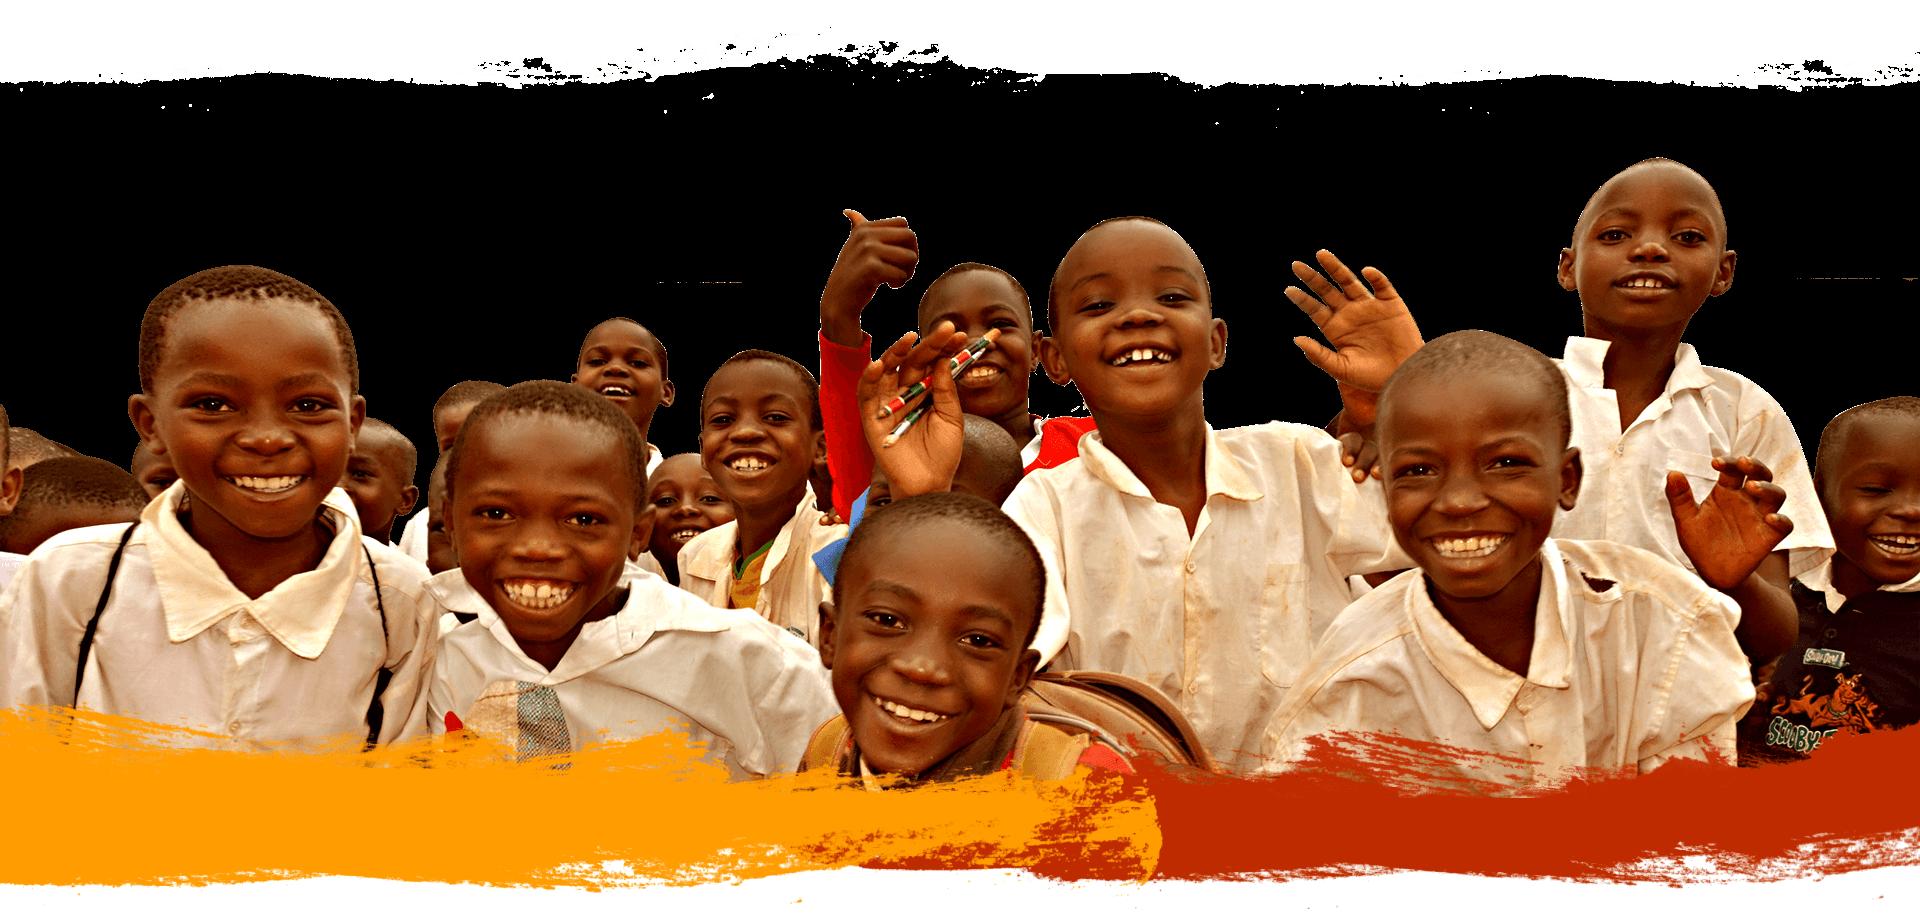 Verein Life Earth - Hilfsprojekte in Afrika